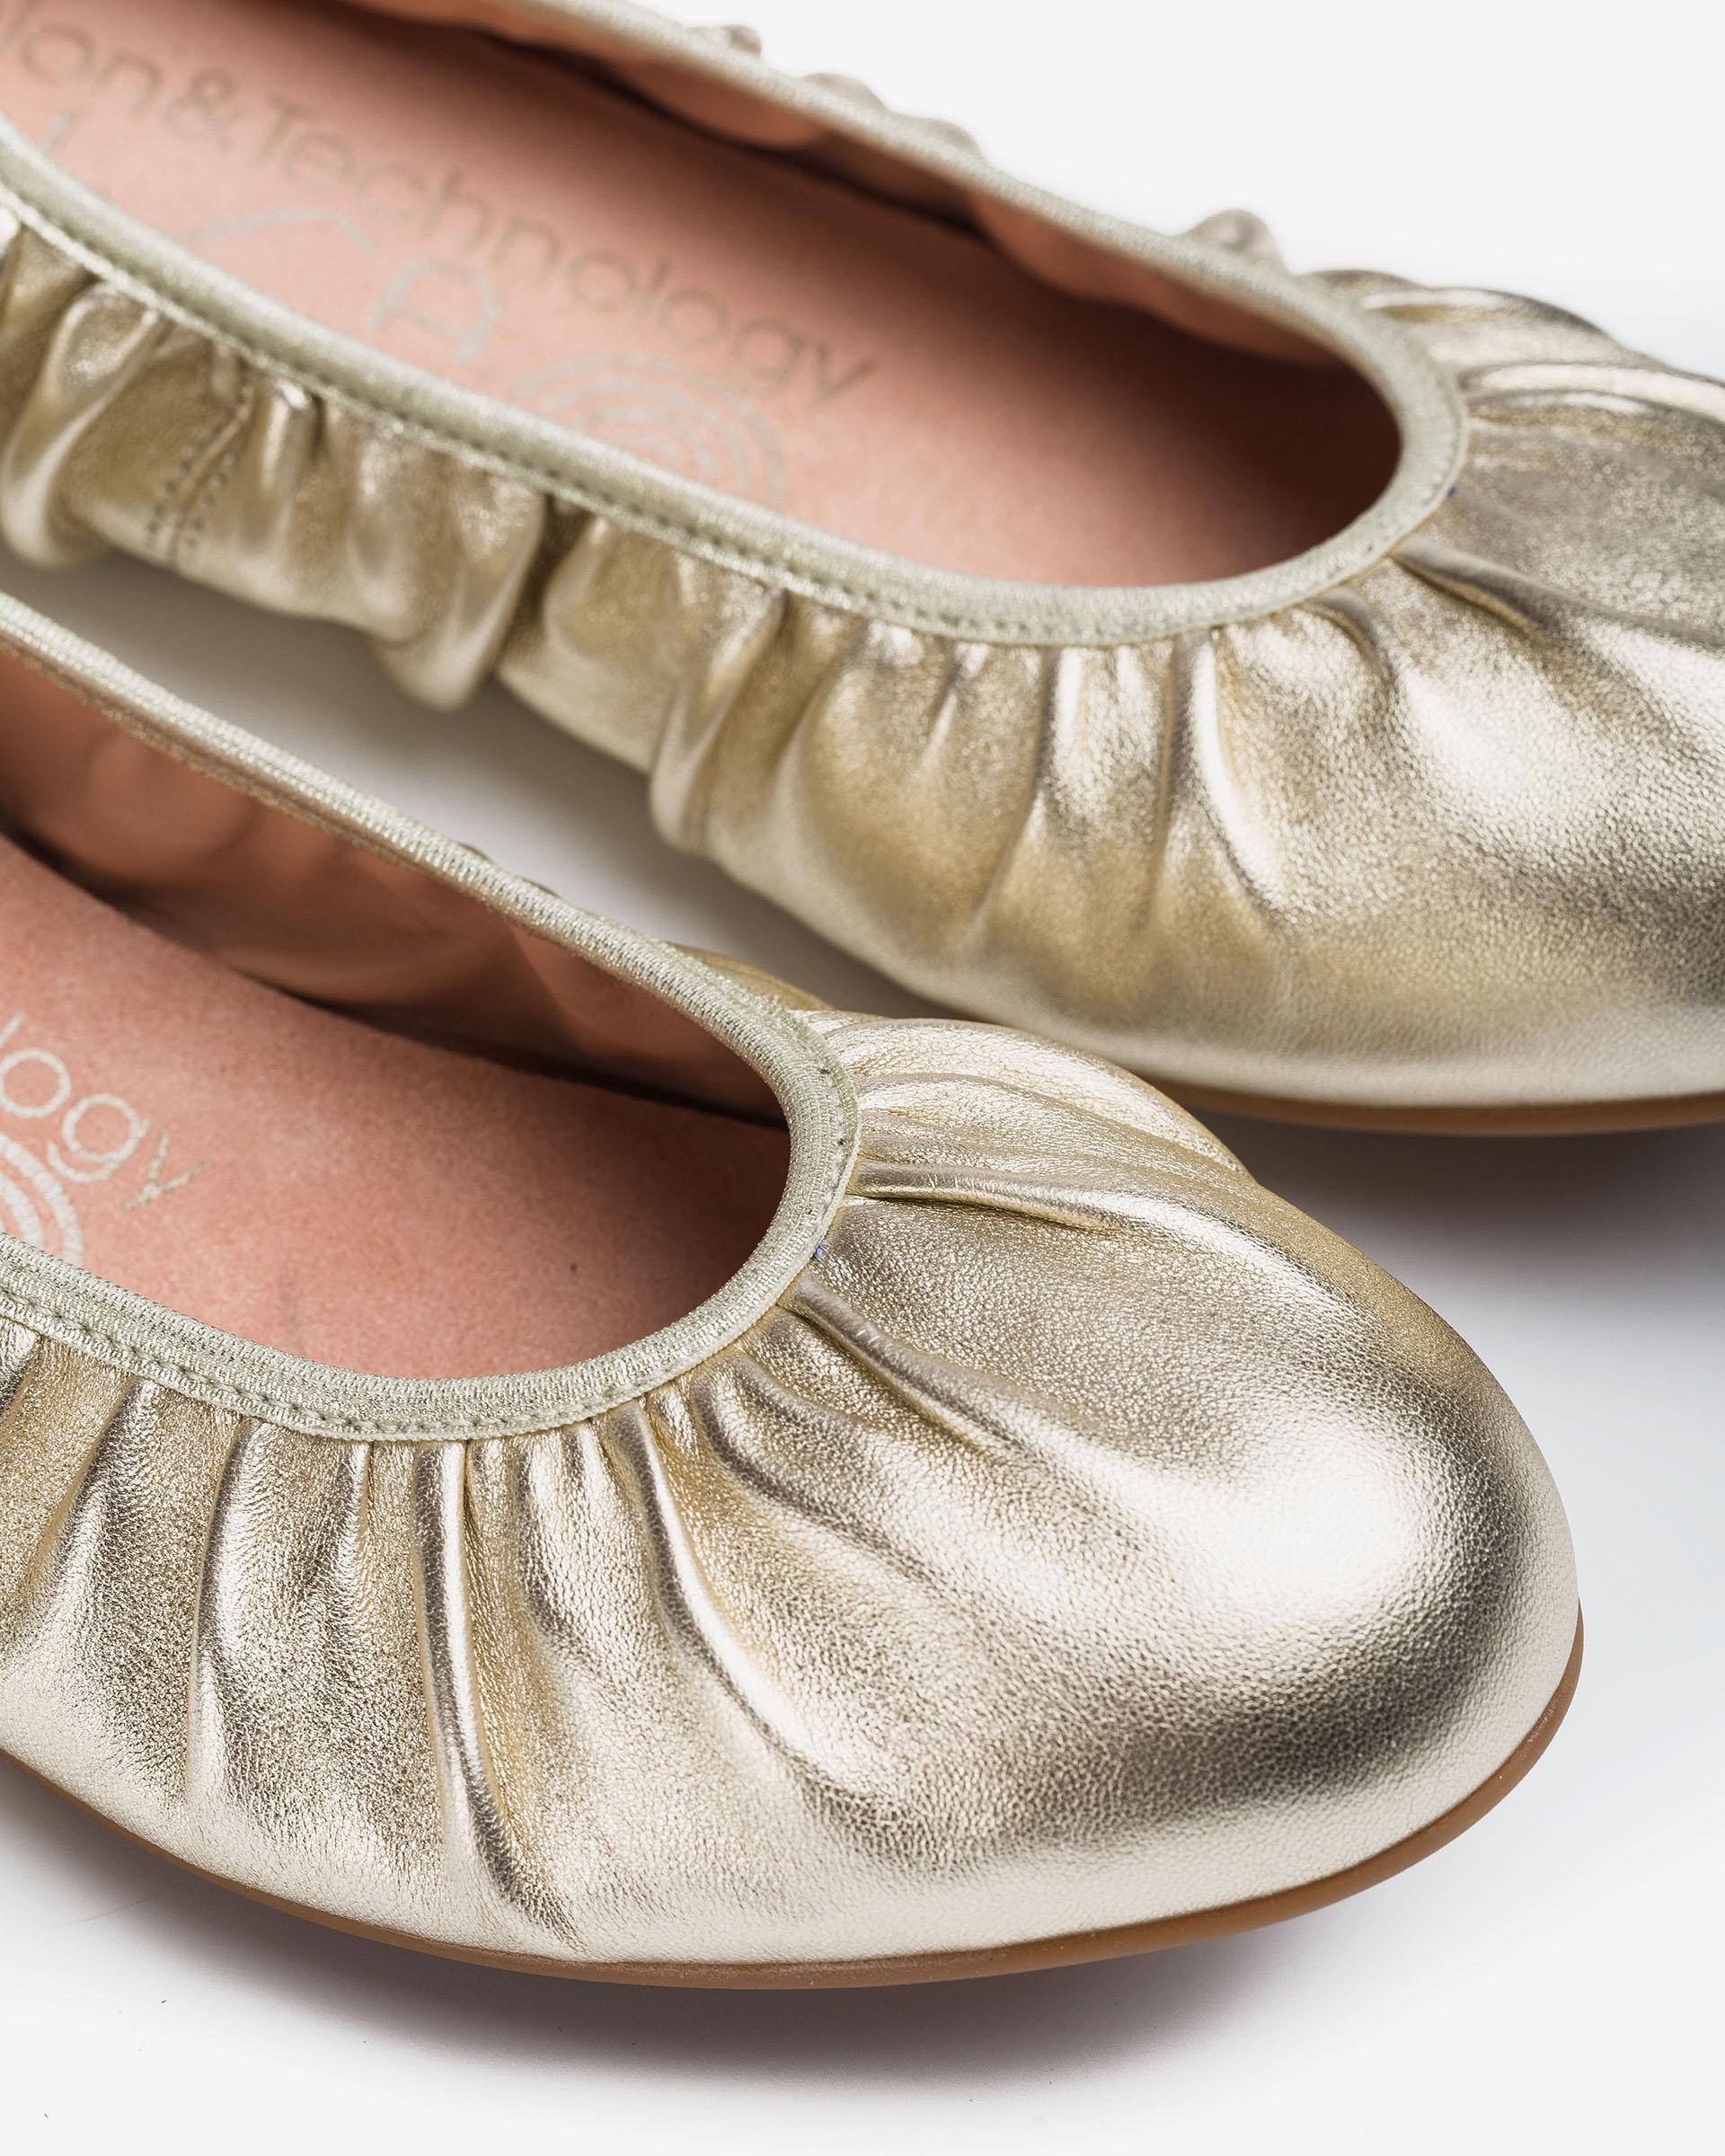 UNISA Ballerine tissu brillant  ABELLA_LMT 3